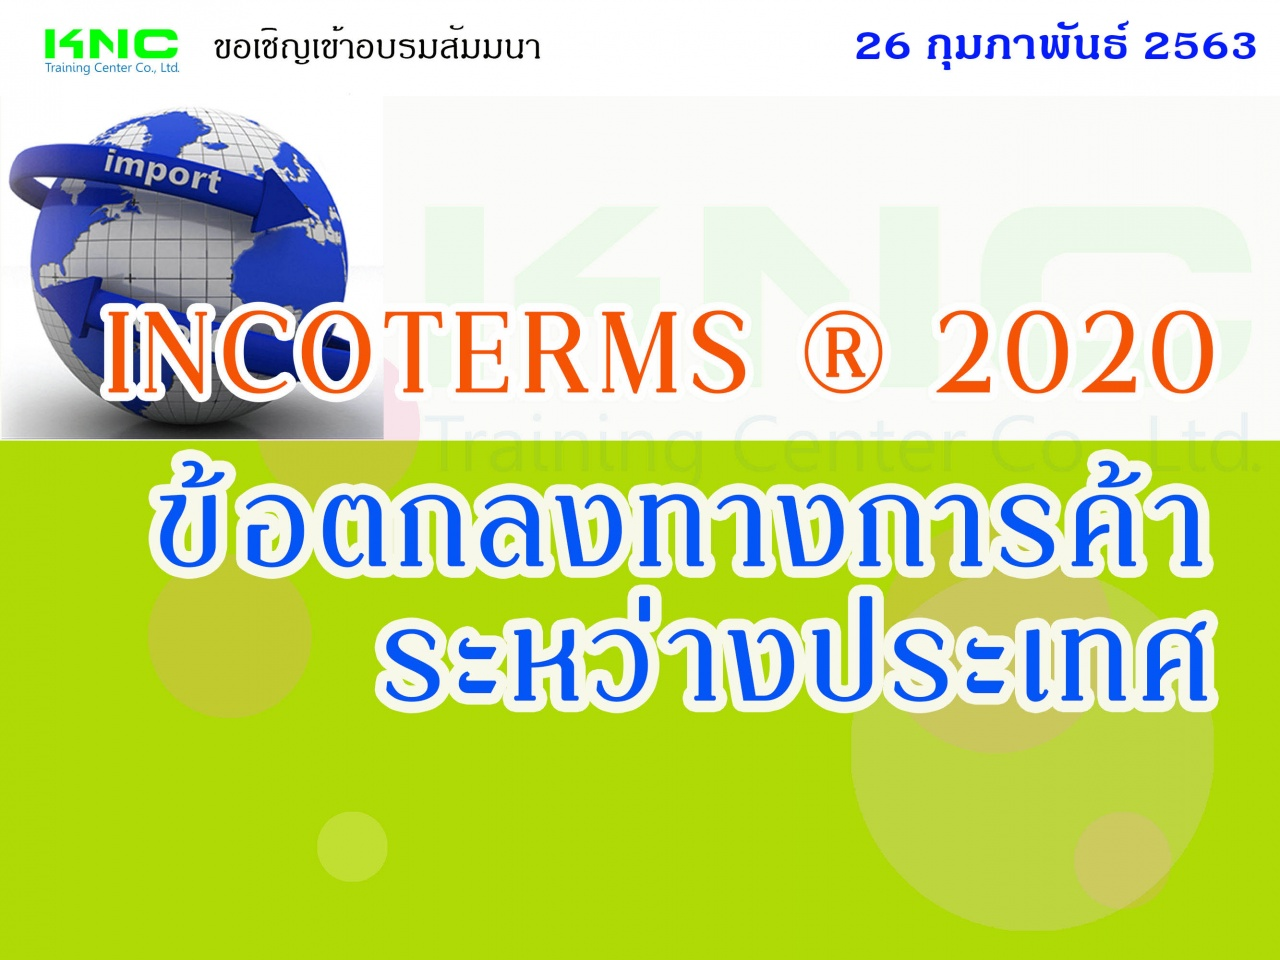 INCOTERMS ® 2020 (ข้อตกลงทางการค้าระหว่างประเทศ)